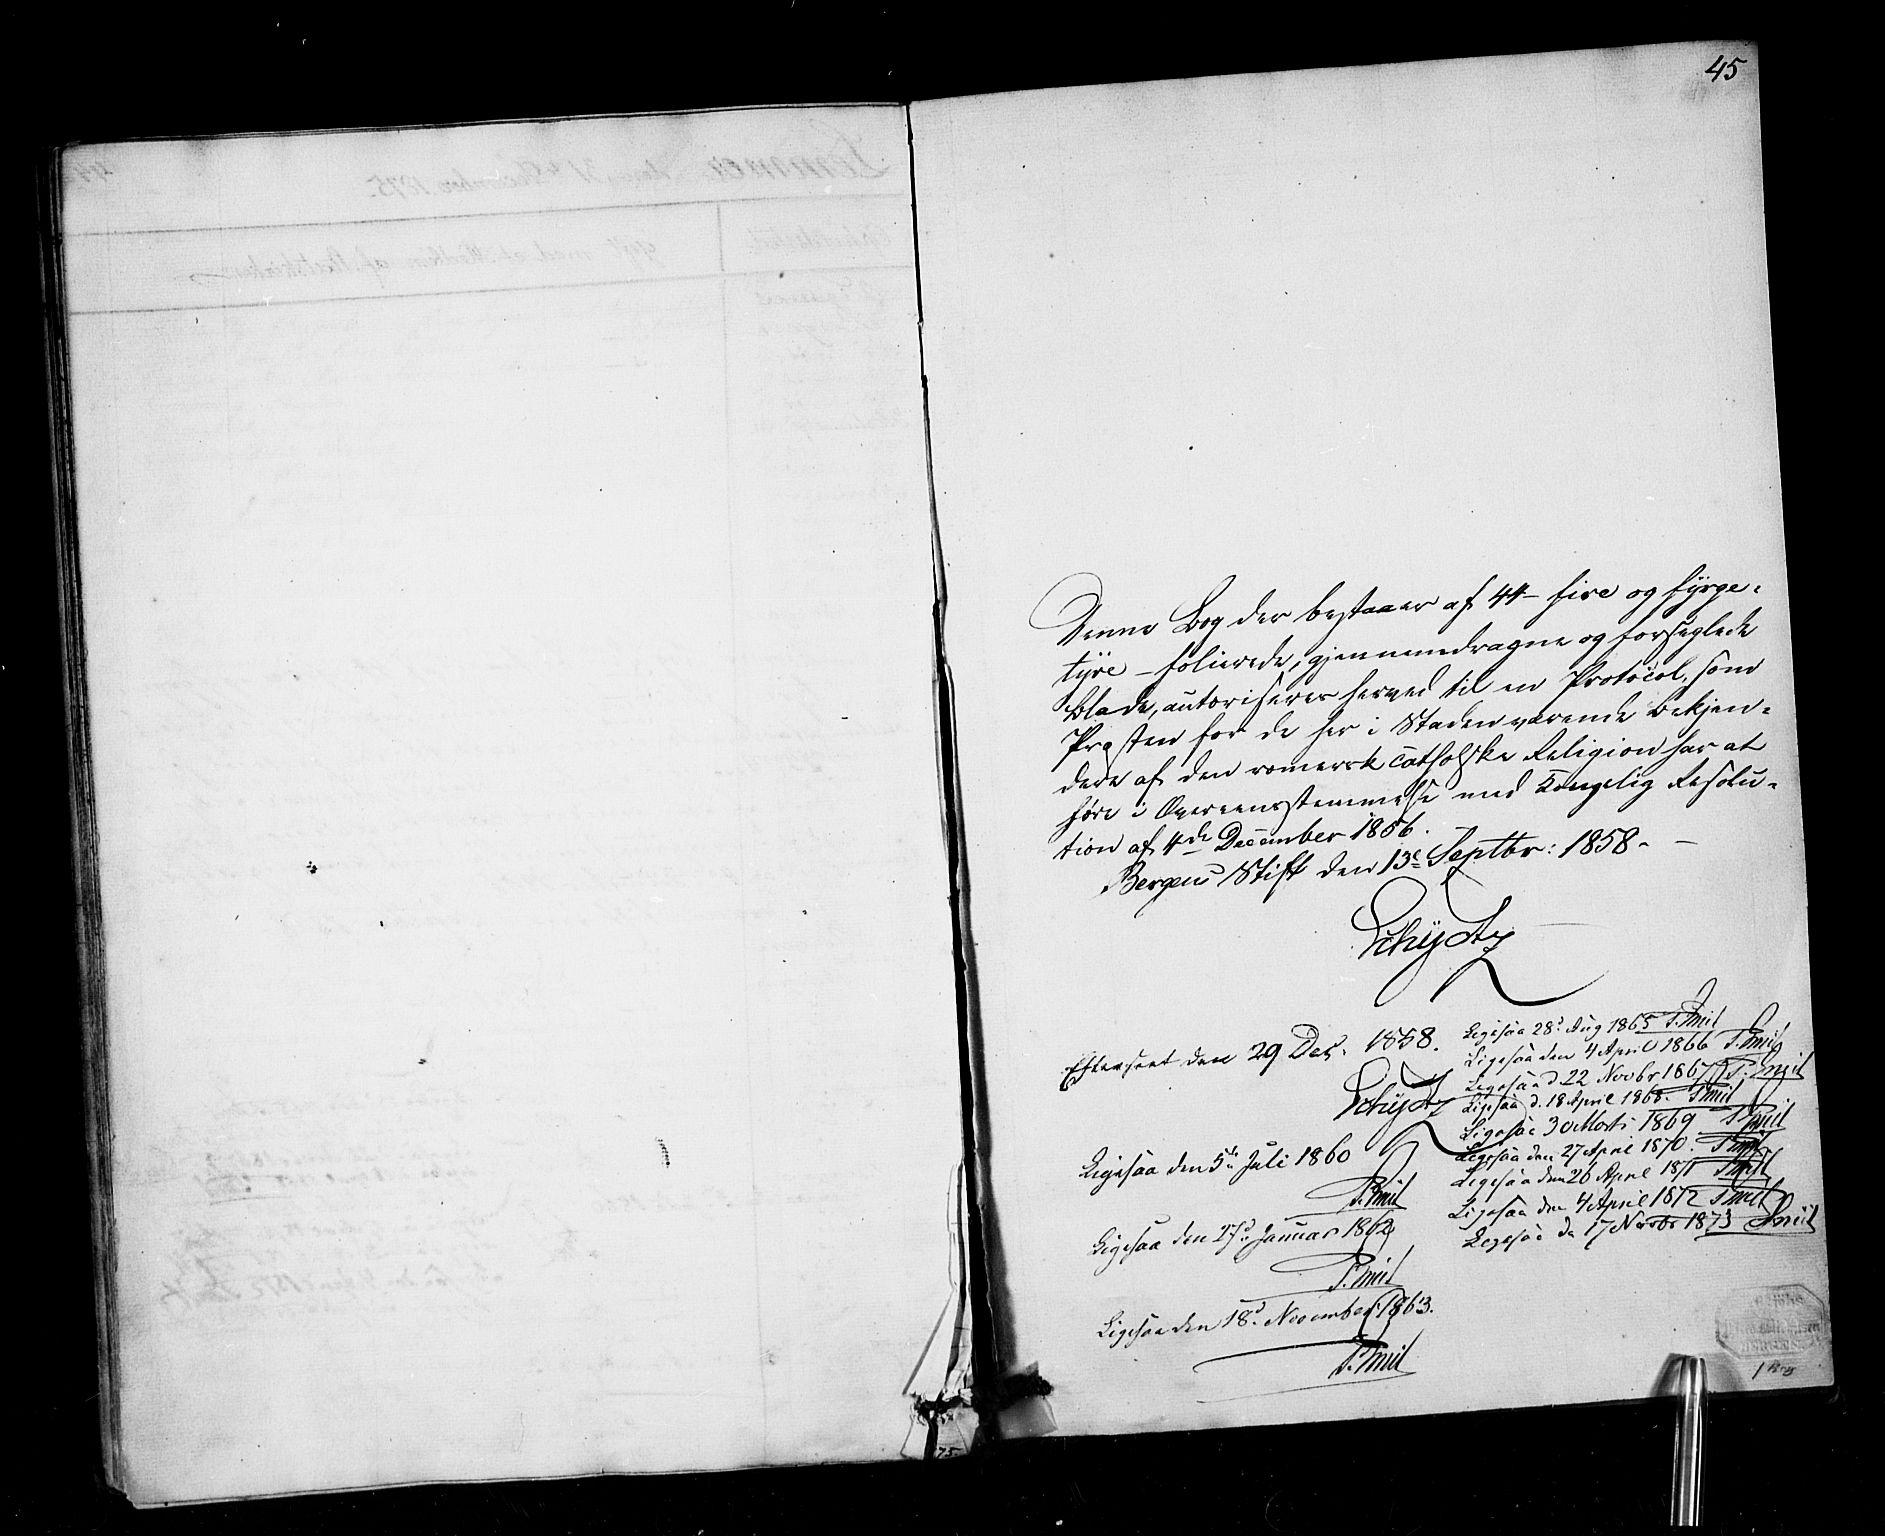 SAB, Arkivreferanse mangler*, Dissenterprotokoll nr. -, 1858-1878, s. 45